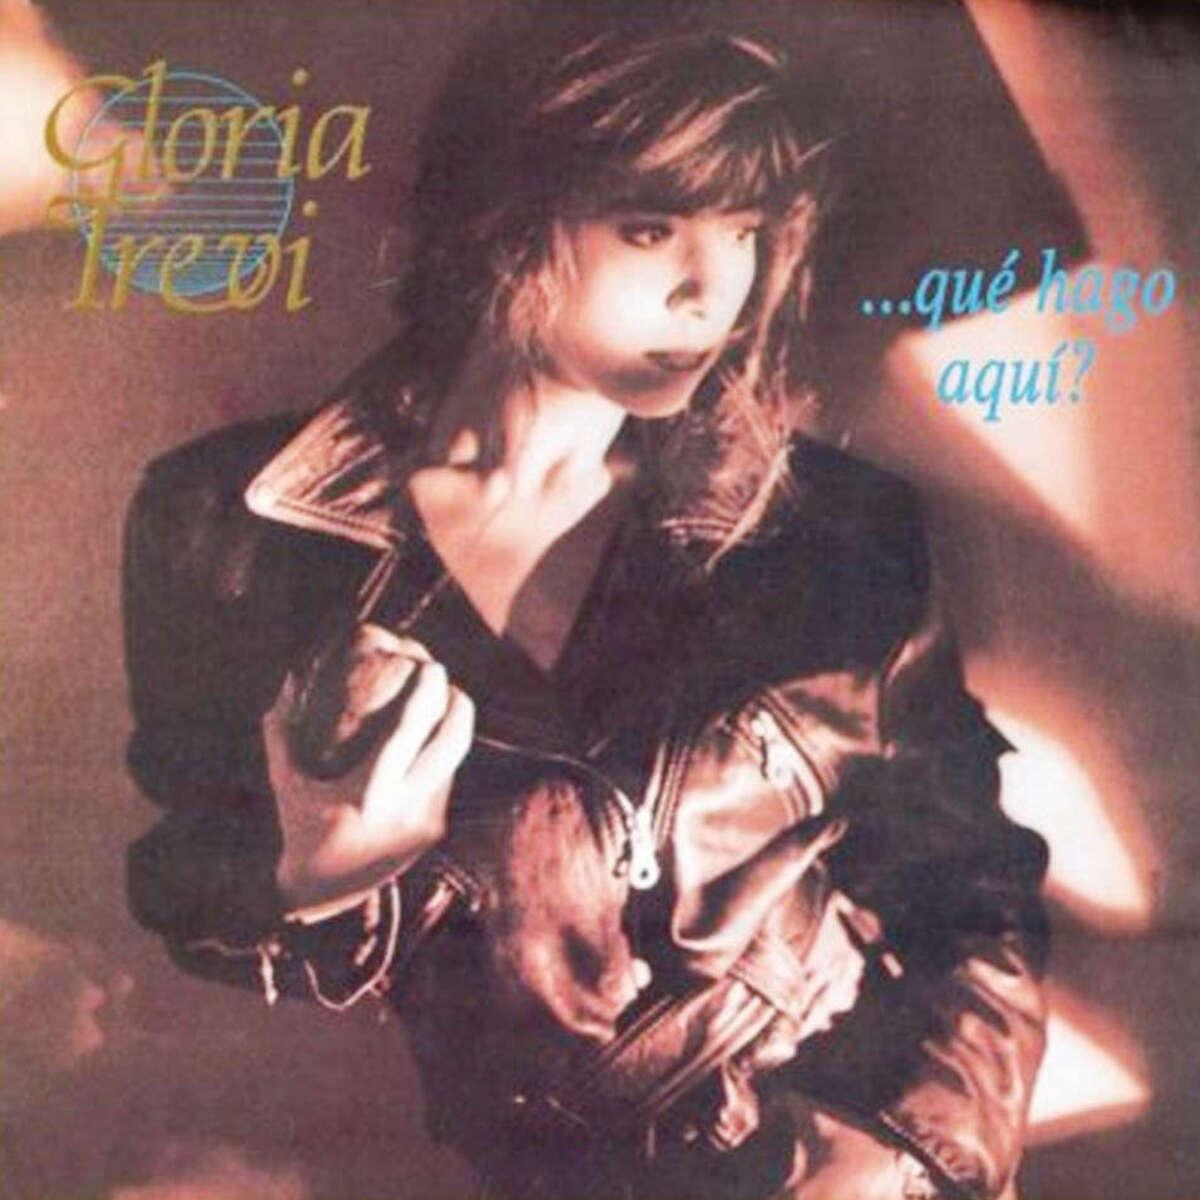 Big debut Gloria Trevi's debut album,¿Qué Hago Aquí? was released in 1989.